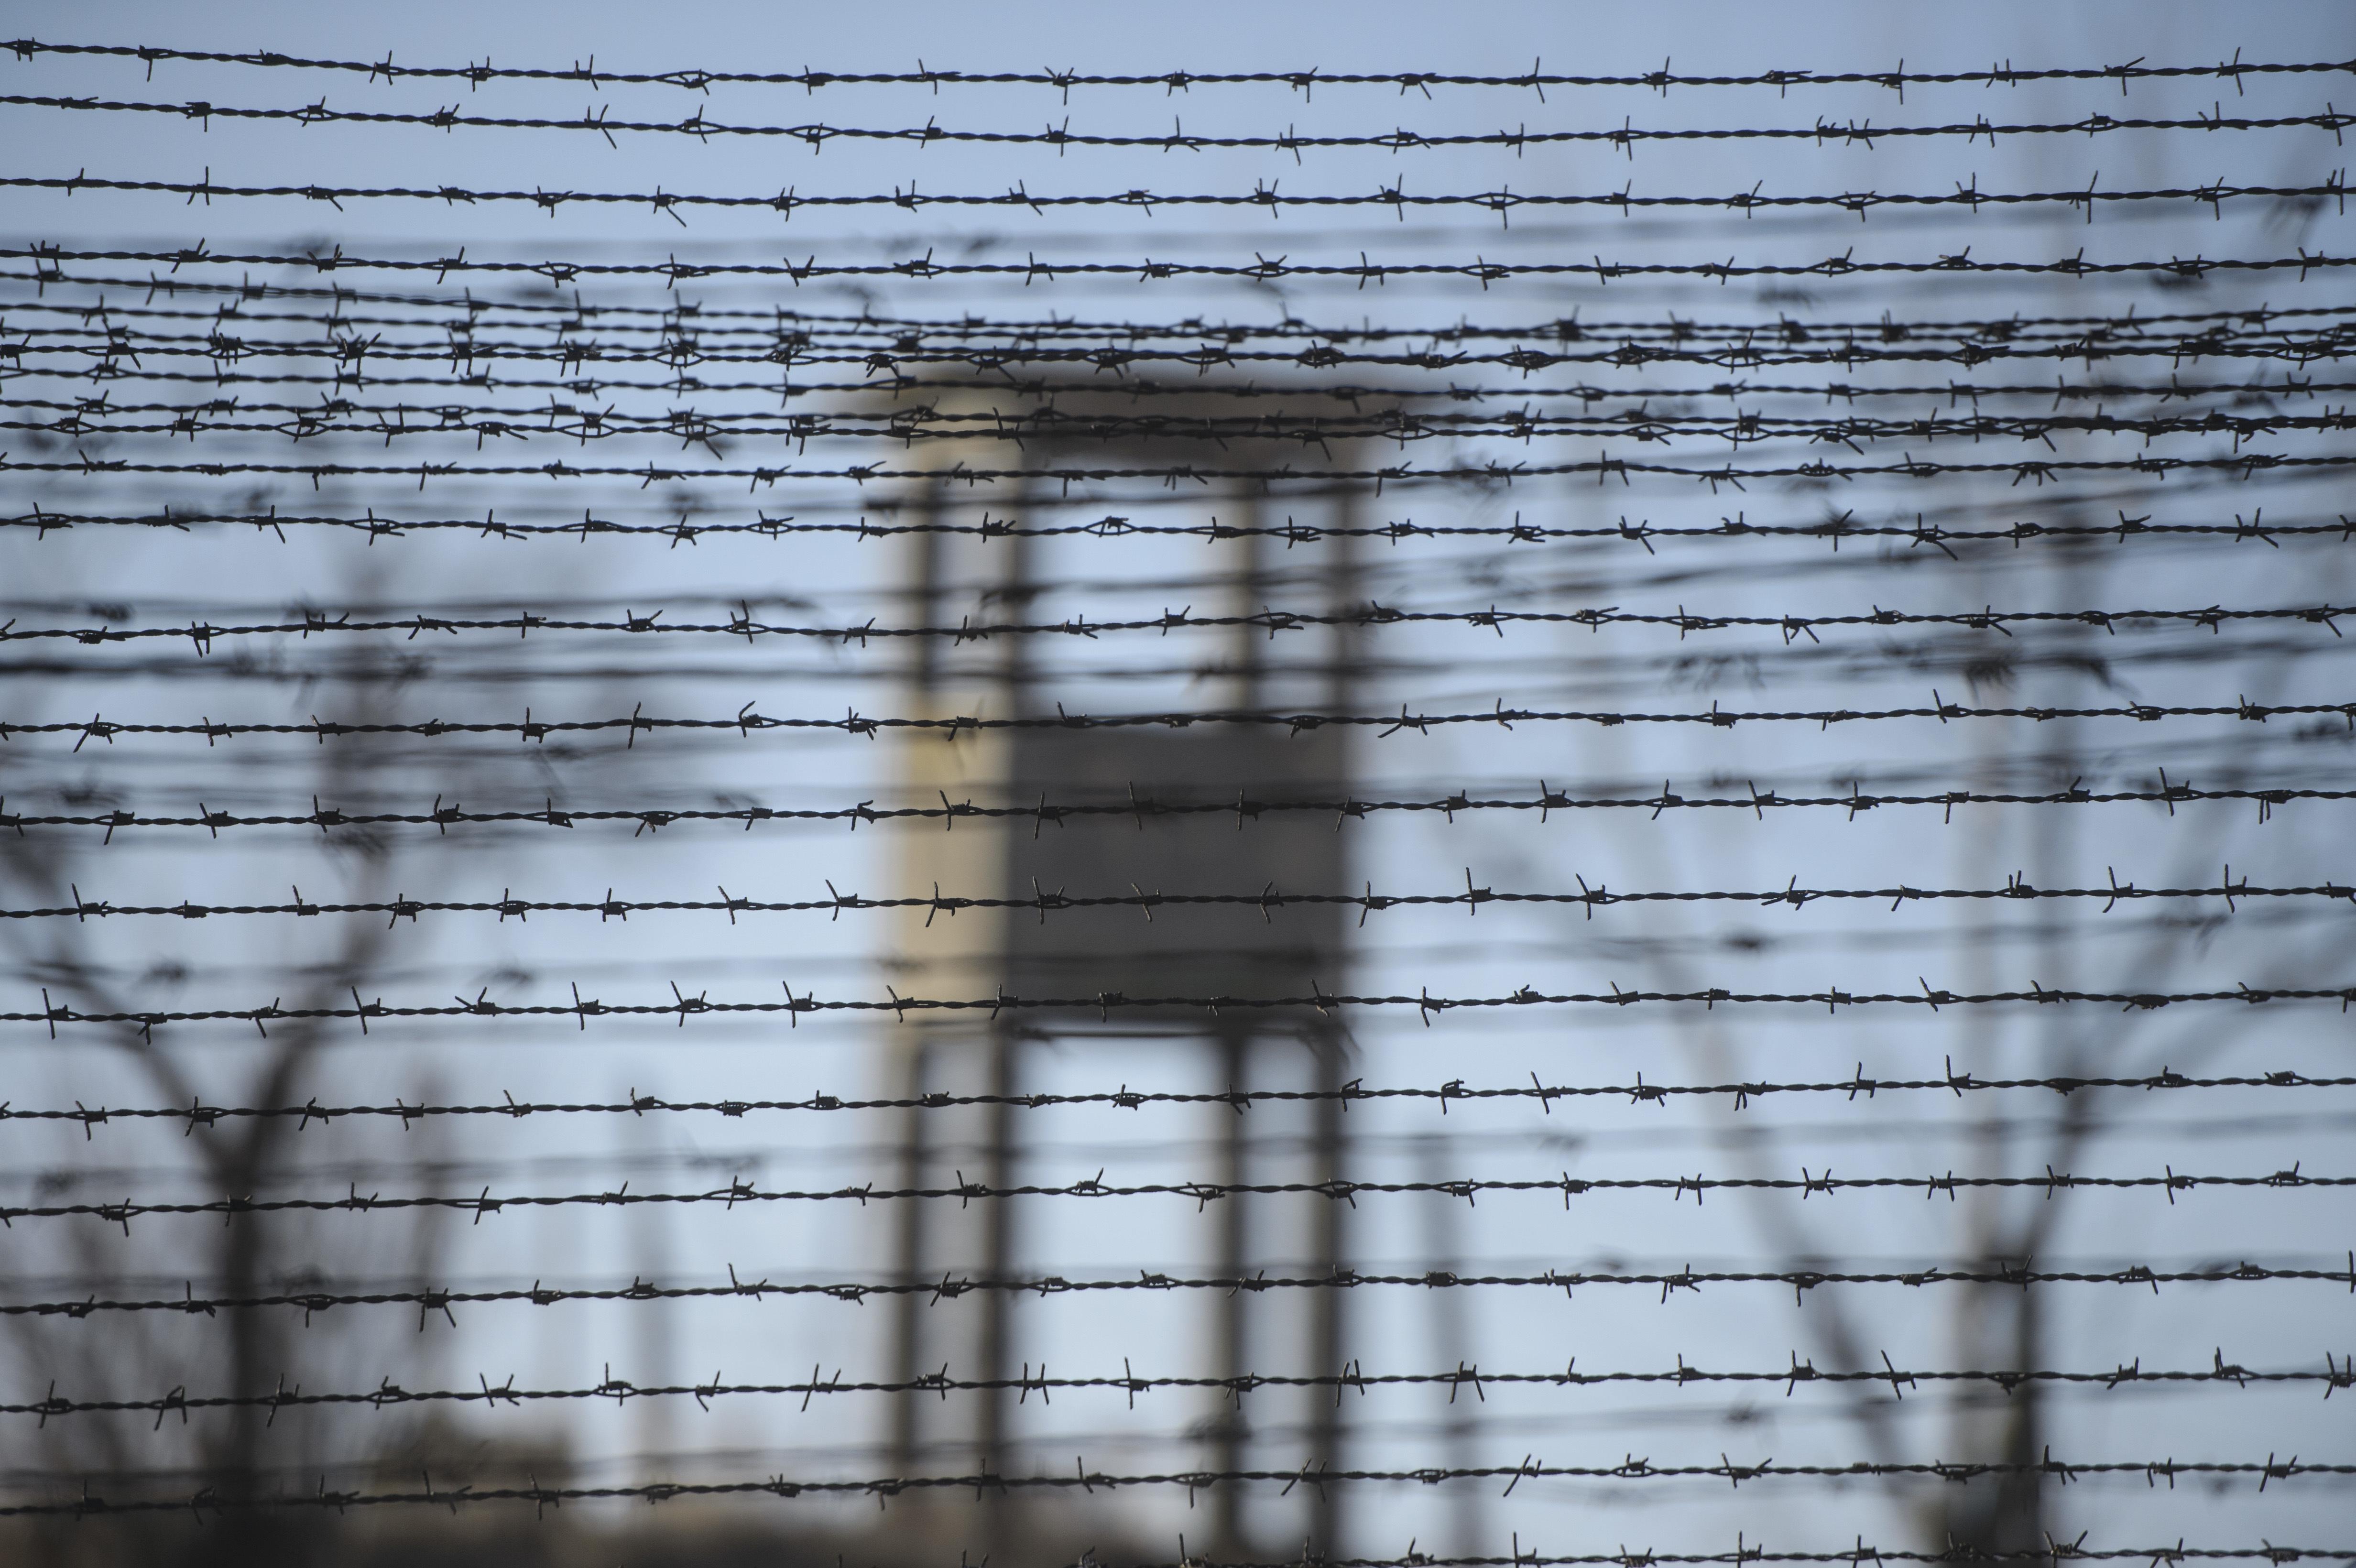 Sindicatele din Administraţia Naţională a Penitenciarelor ameninţă cu proteste şi acţiuni în justiţie. Angajaţii vor refuza efectuarea de ore suplimentare